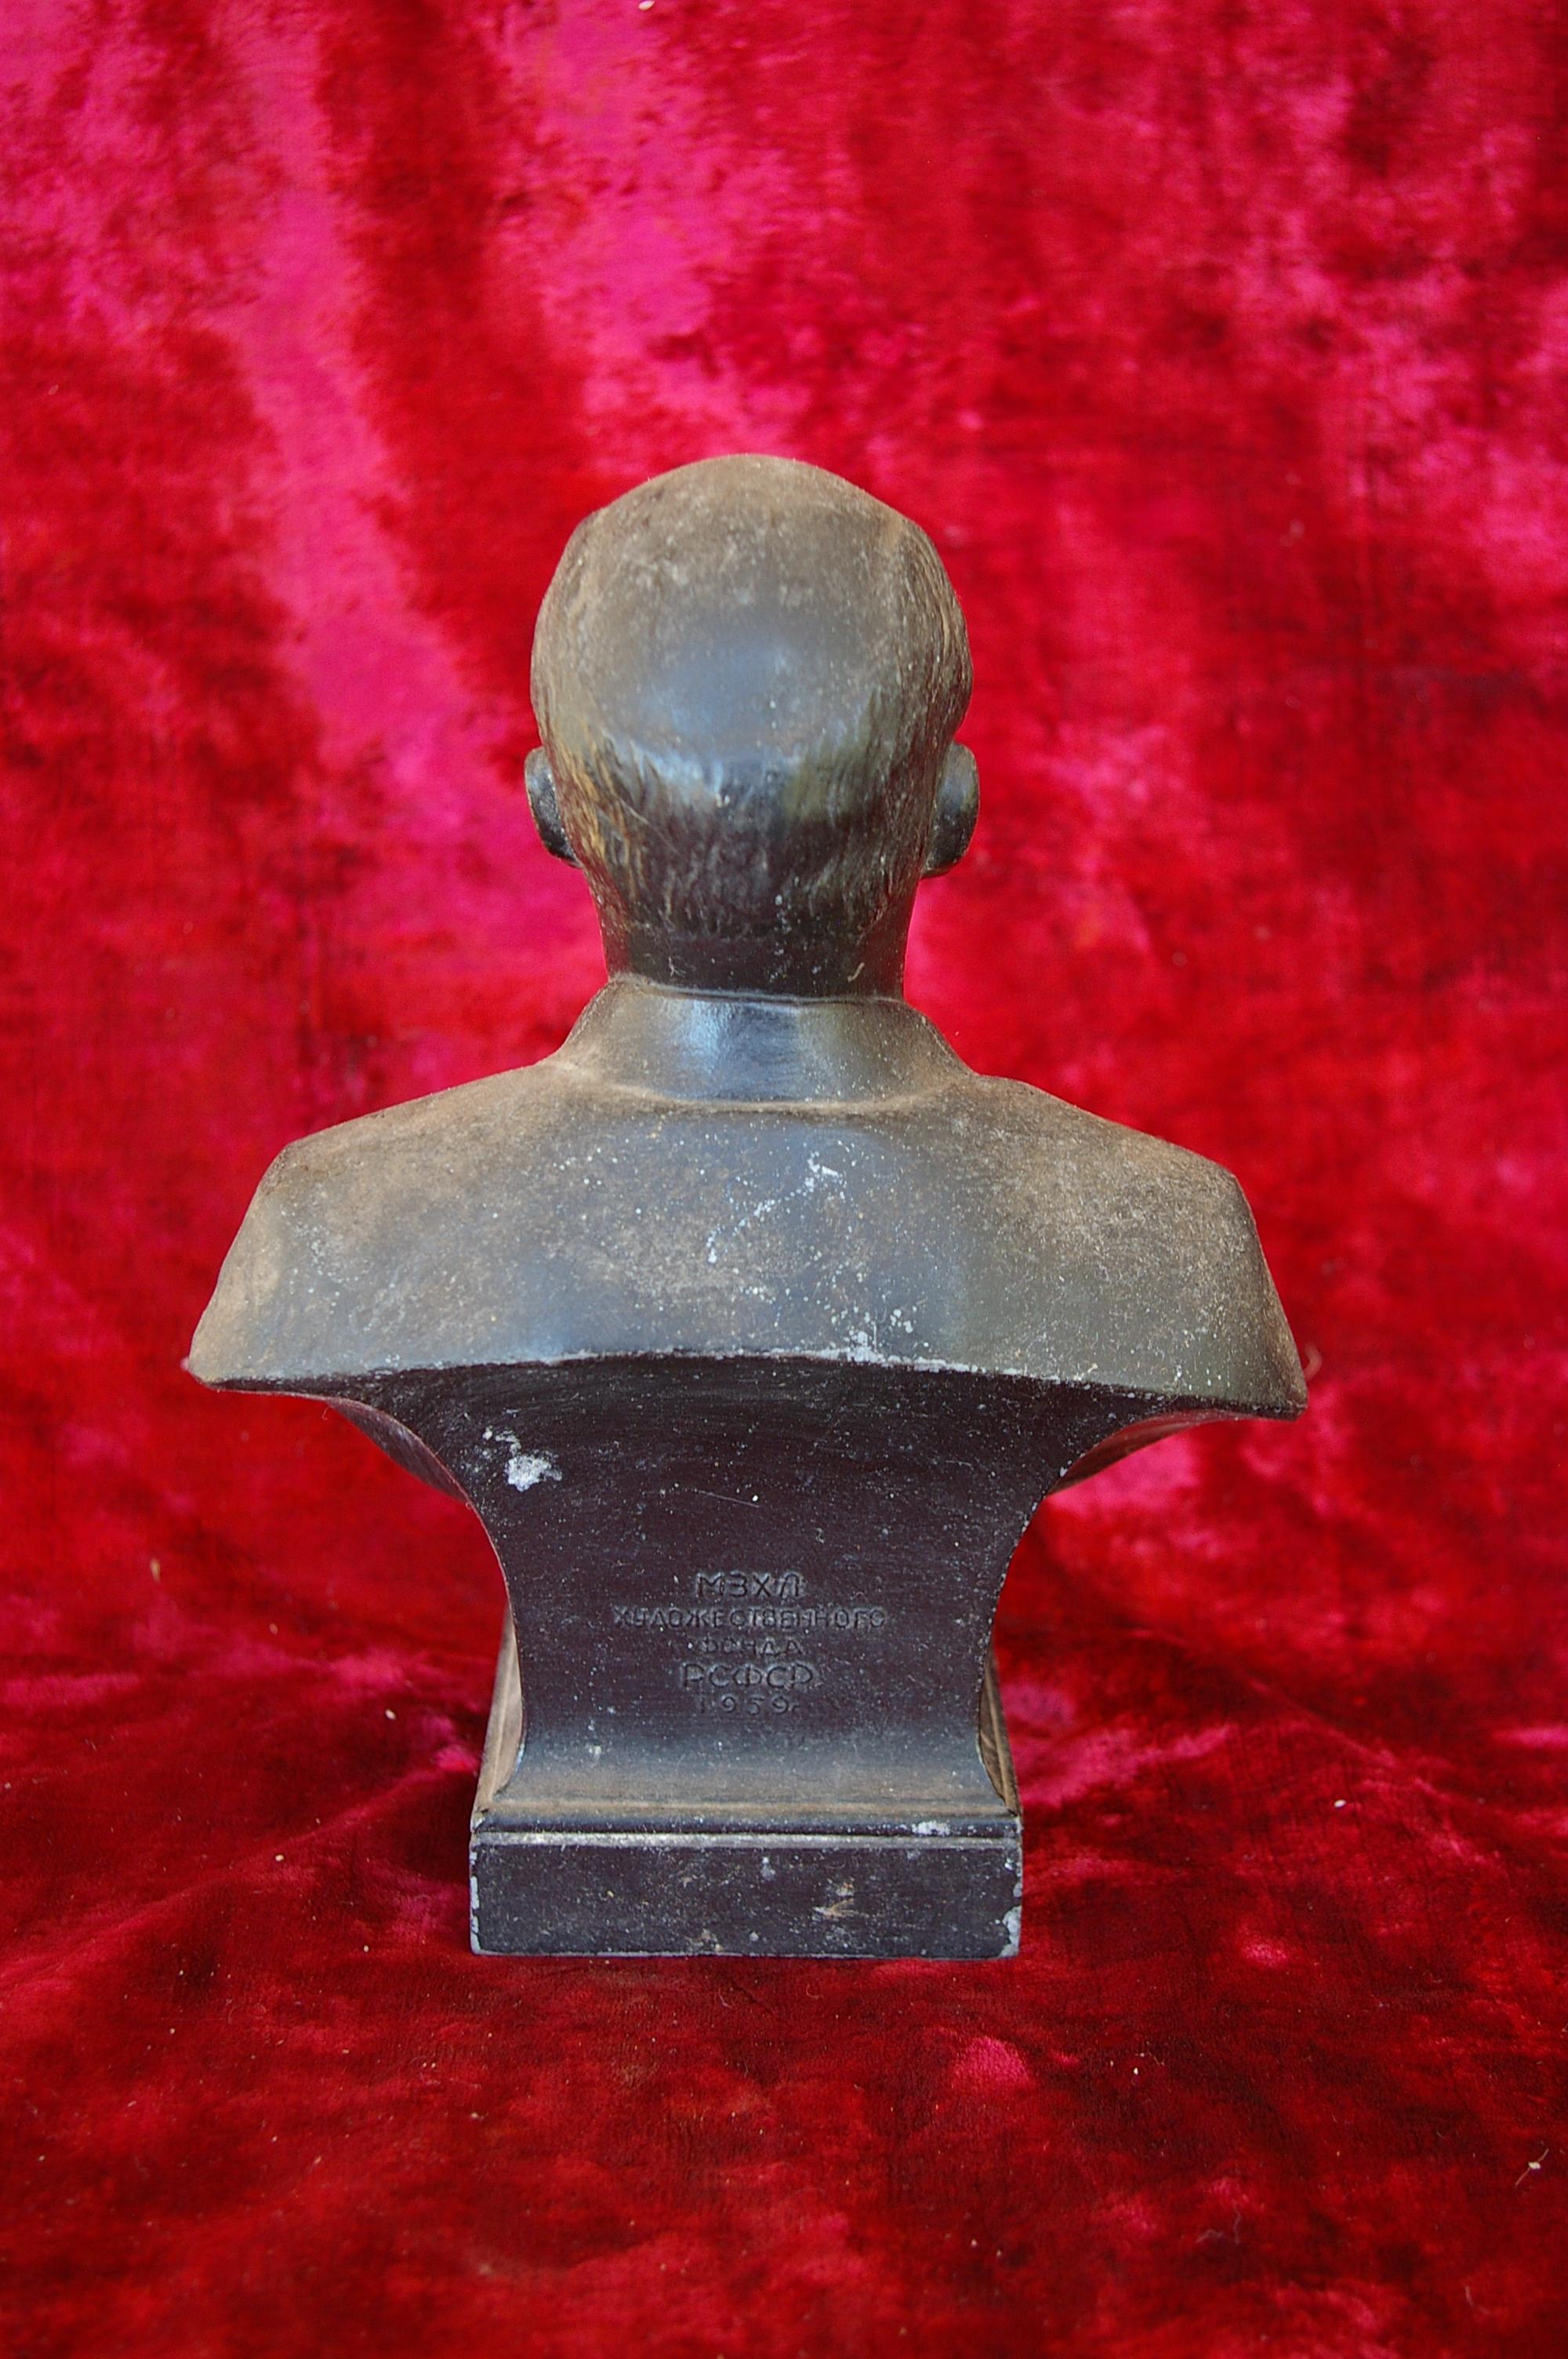 Ленин бюст, материал метал, высота 24 см., ширина 7 см., длина 7 см.  - 2